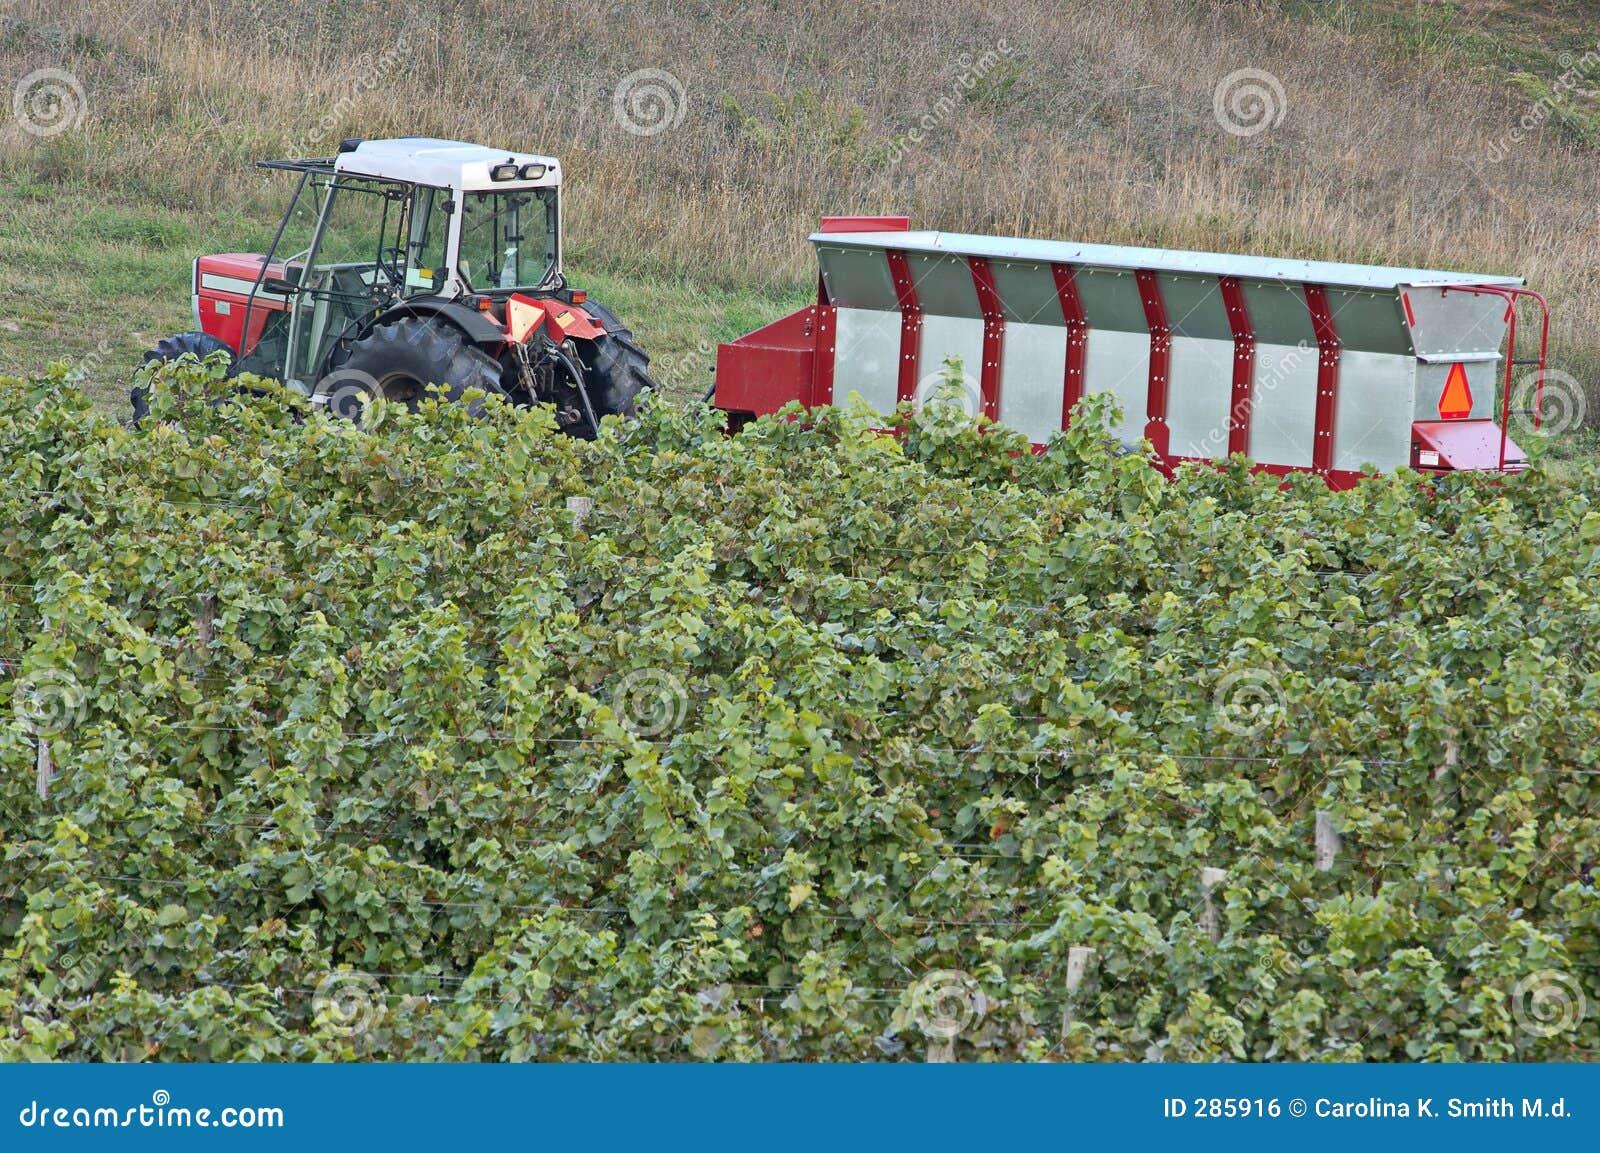 Wijnmakerij-tractor-vultrechter-wijngaard